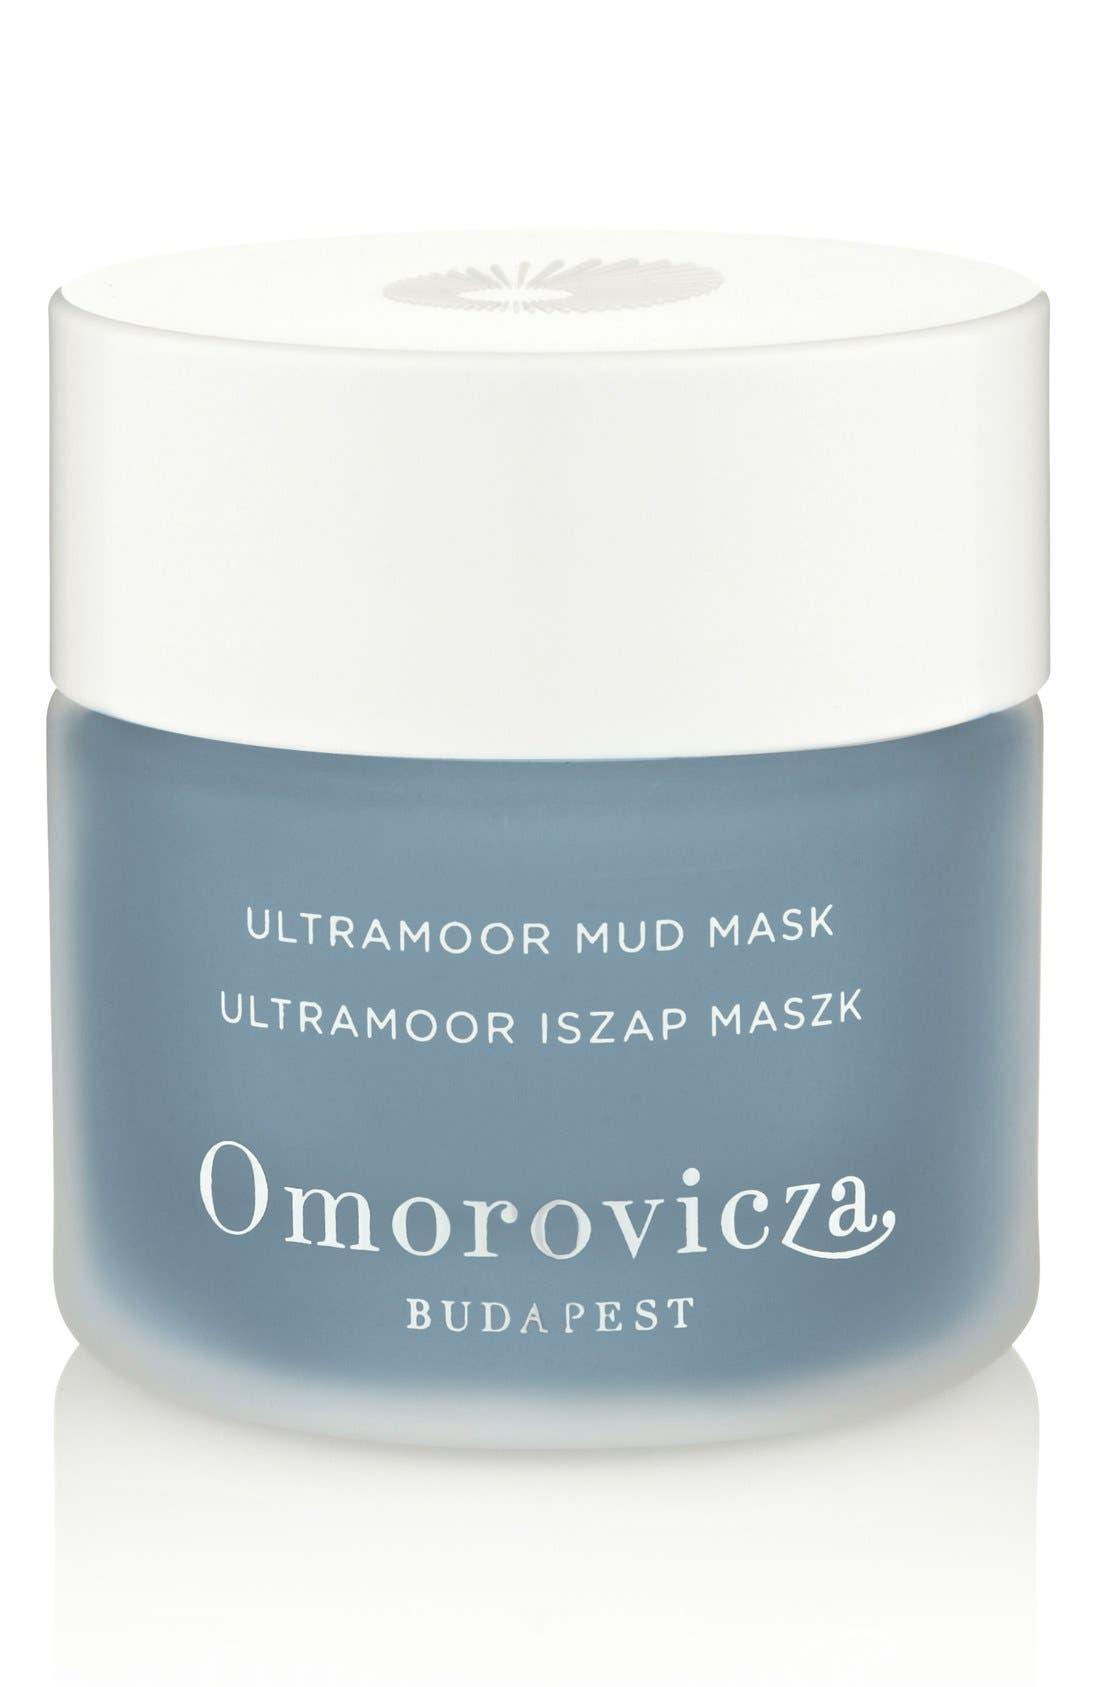 Omorovicza Ultramoor Mud Mask